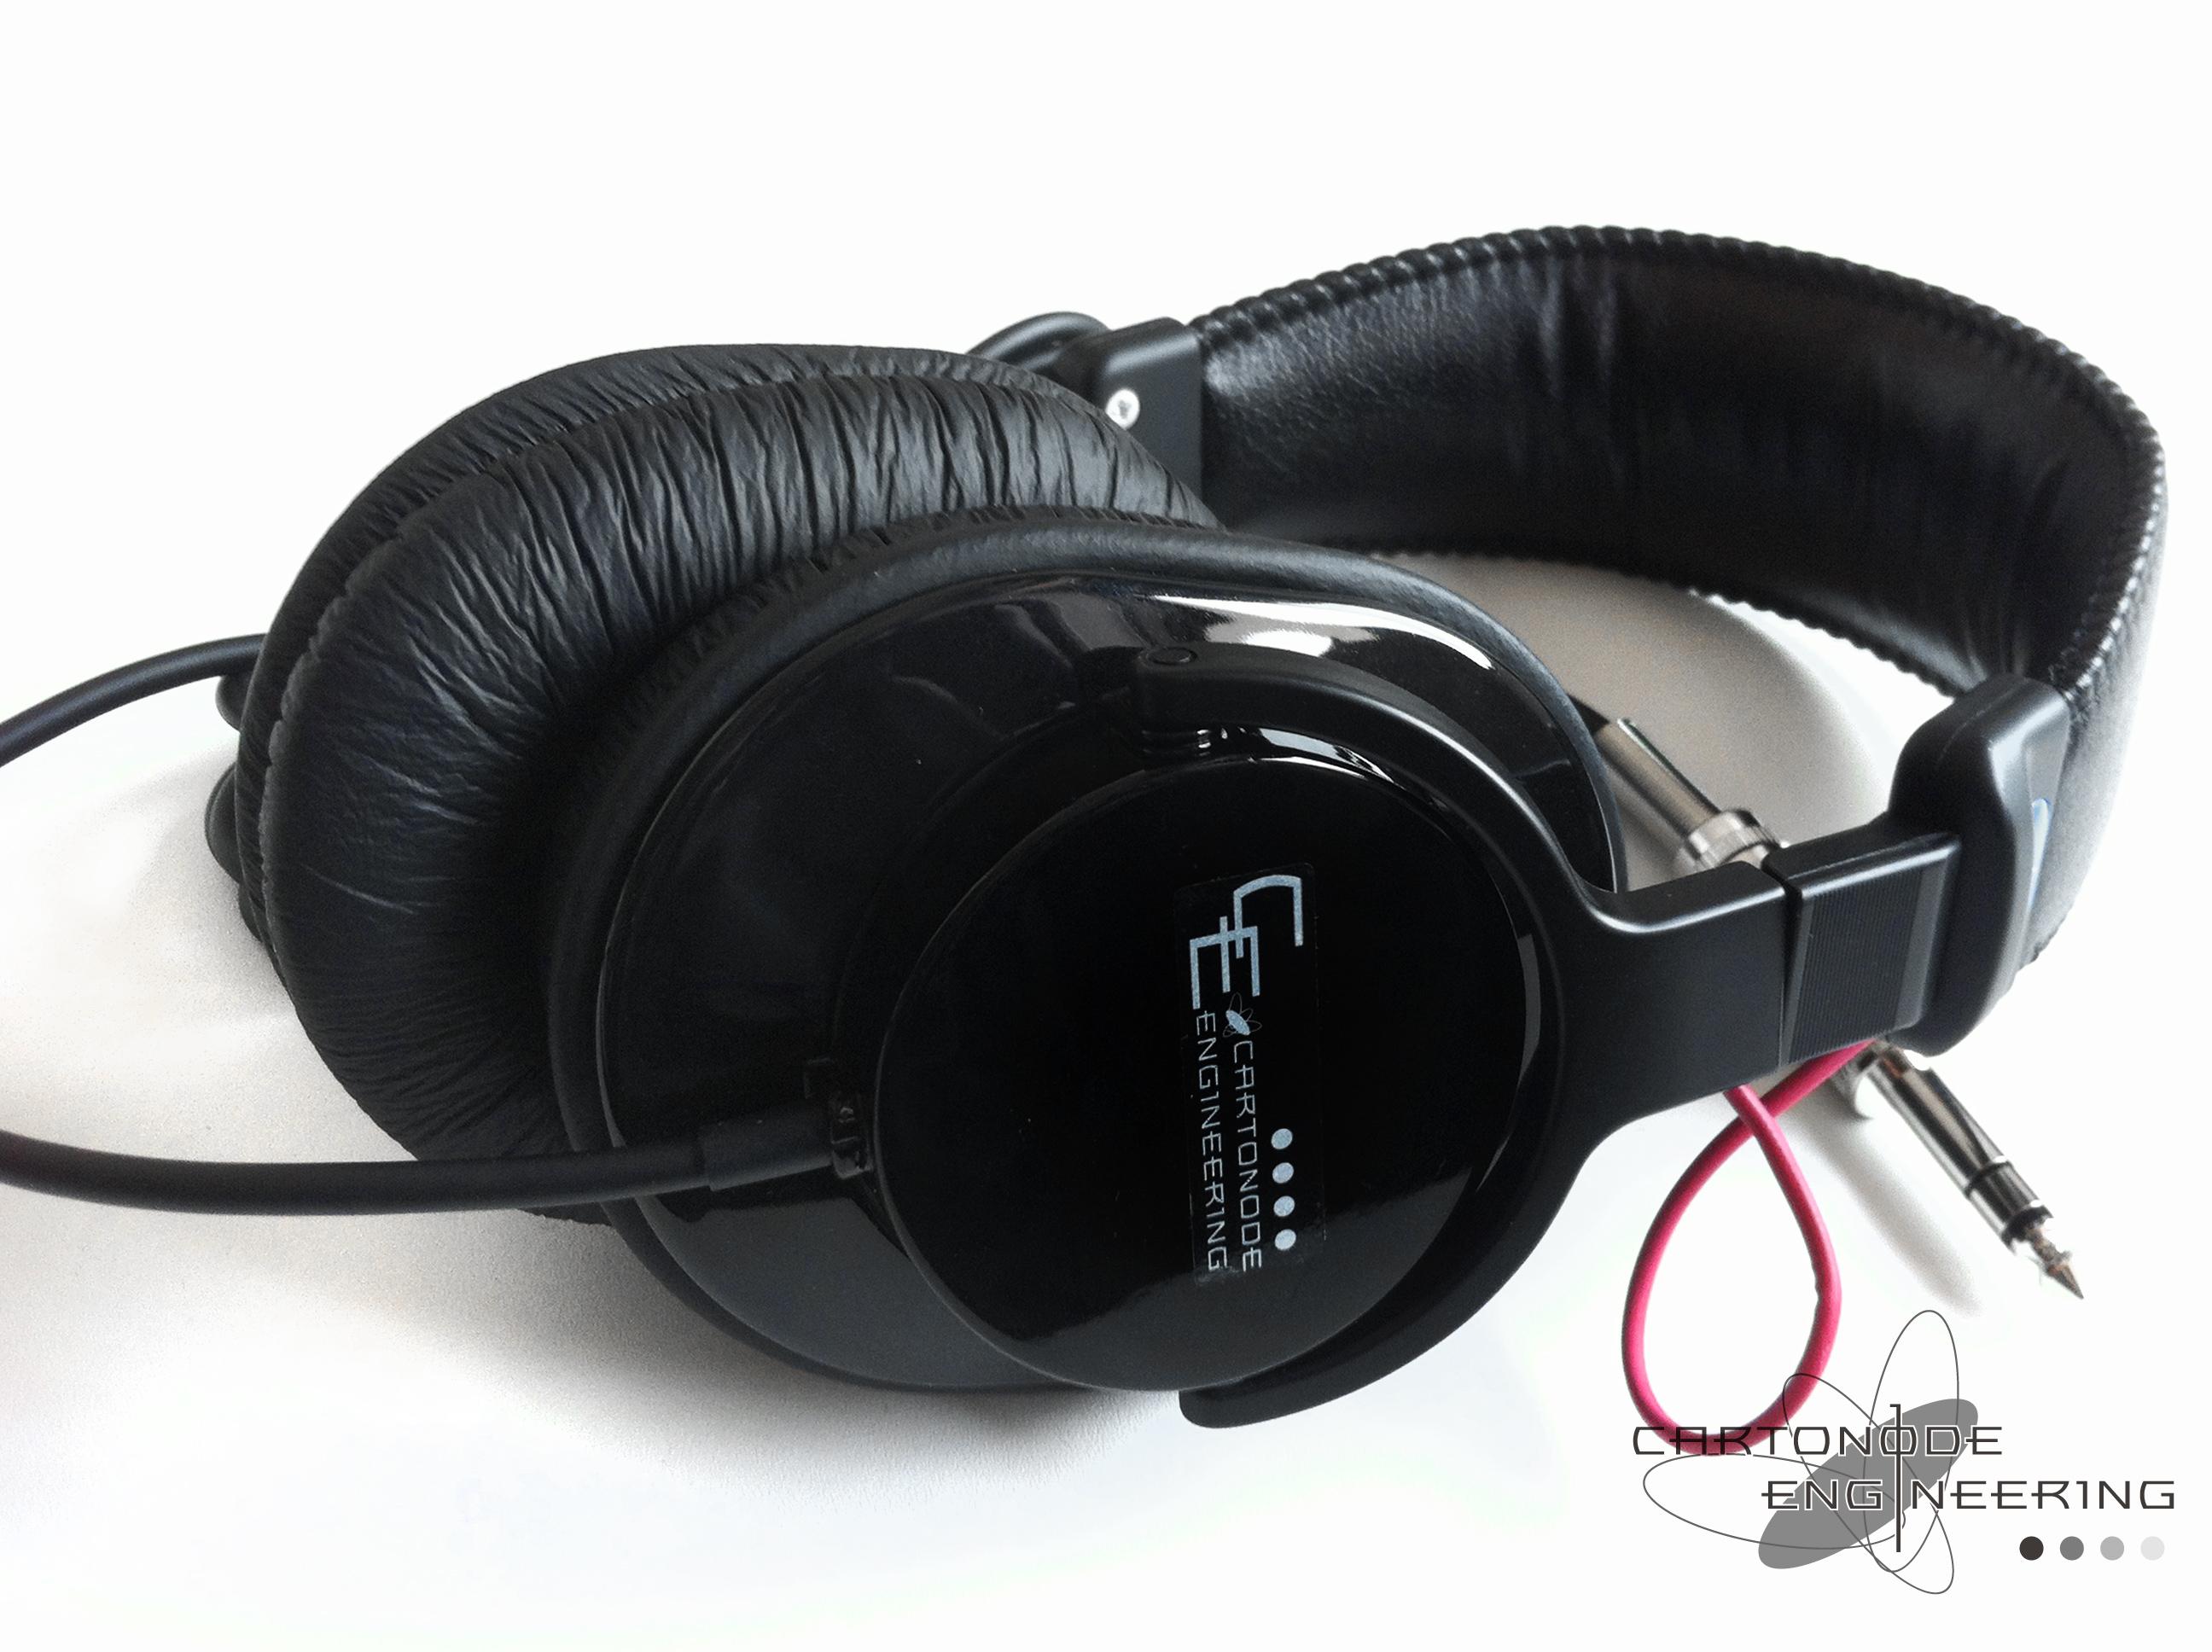 <C.E. MDR-CD900ST-CETDNT>★渡り線加工/イヤーパッド変更